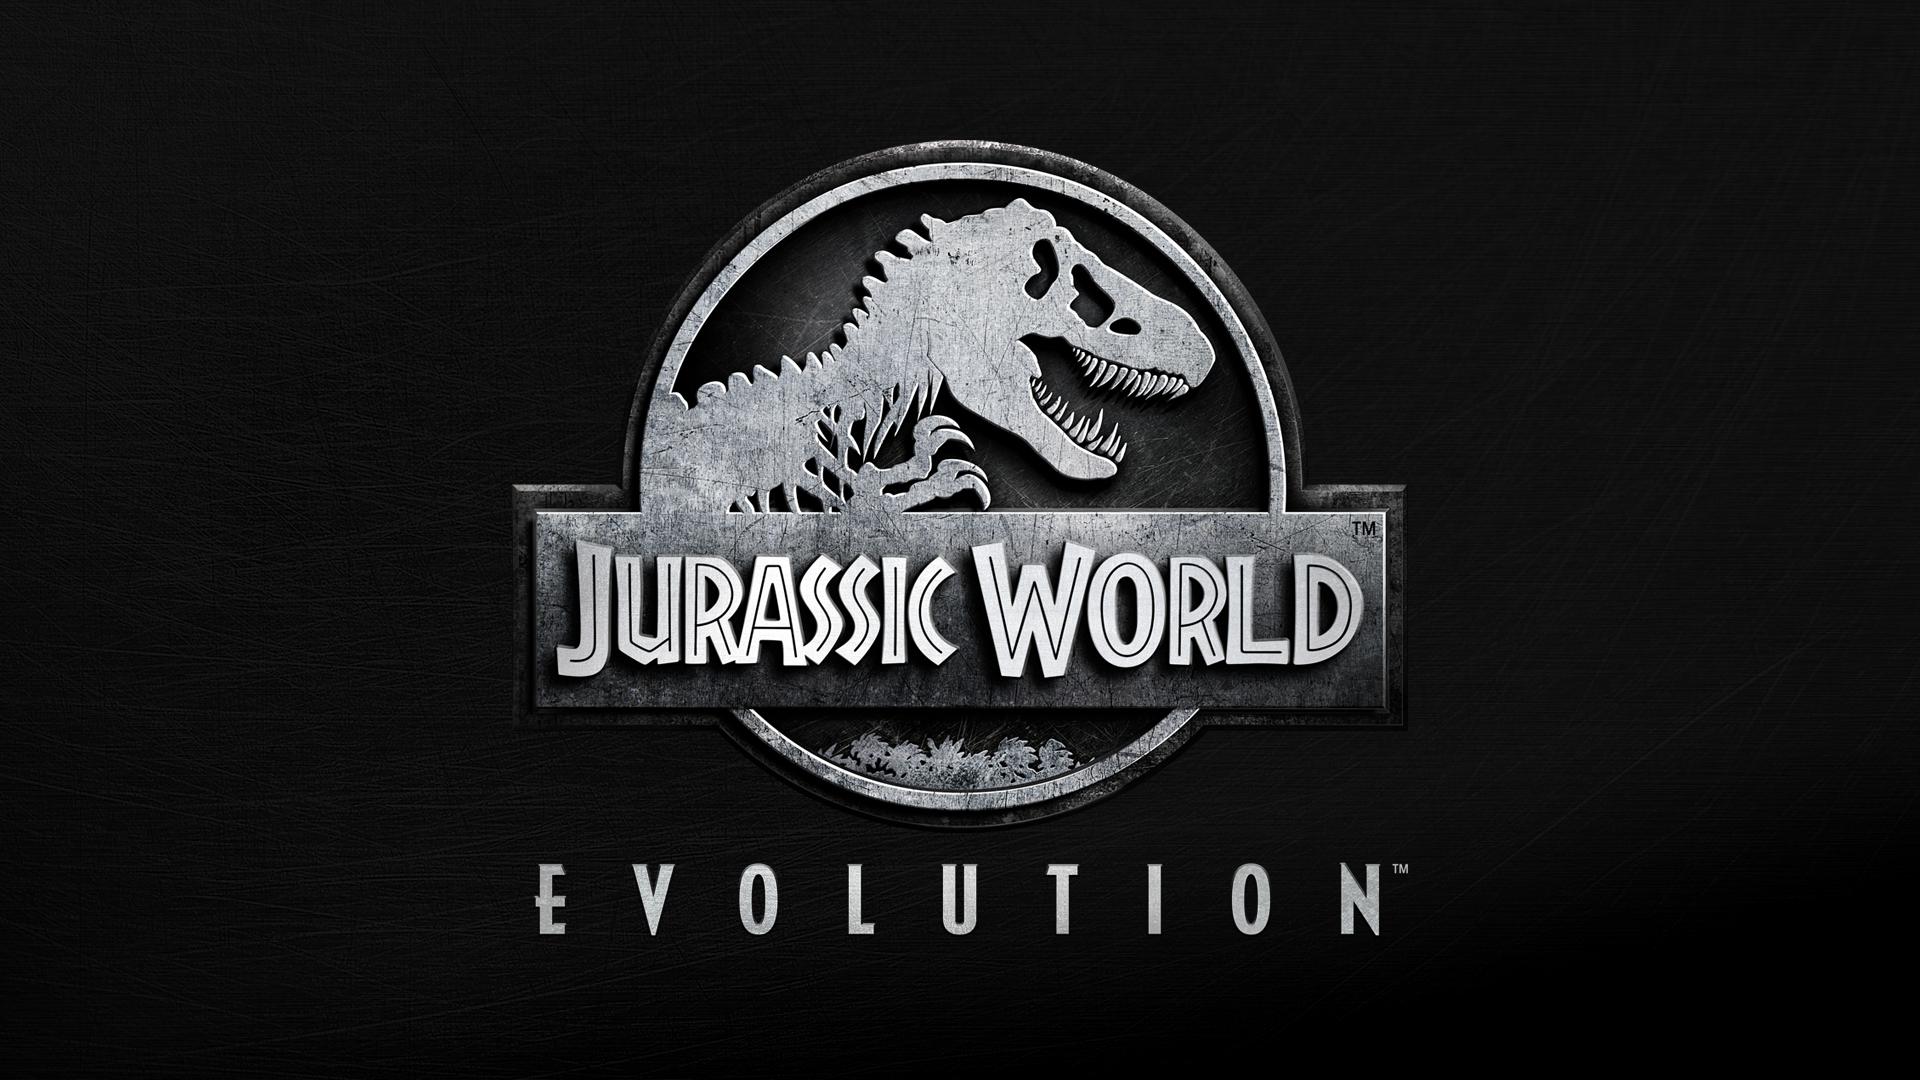 В новом трейлере Jurassic World Evolution показали множество видов динозавров